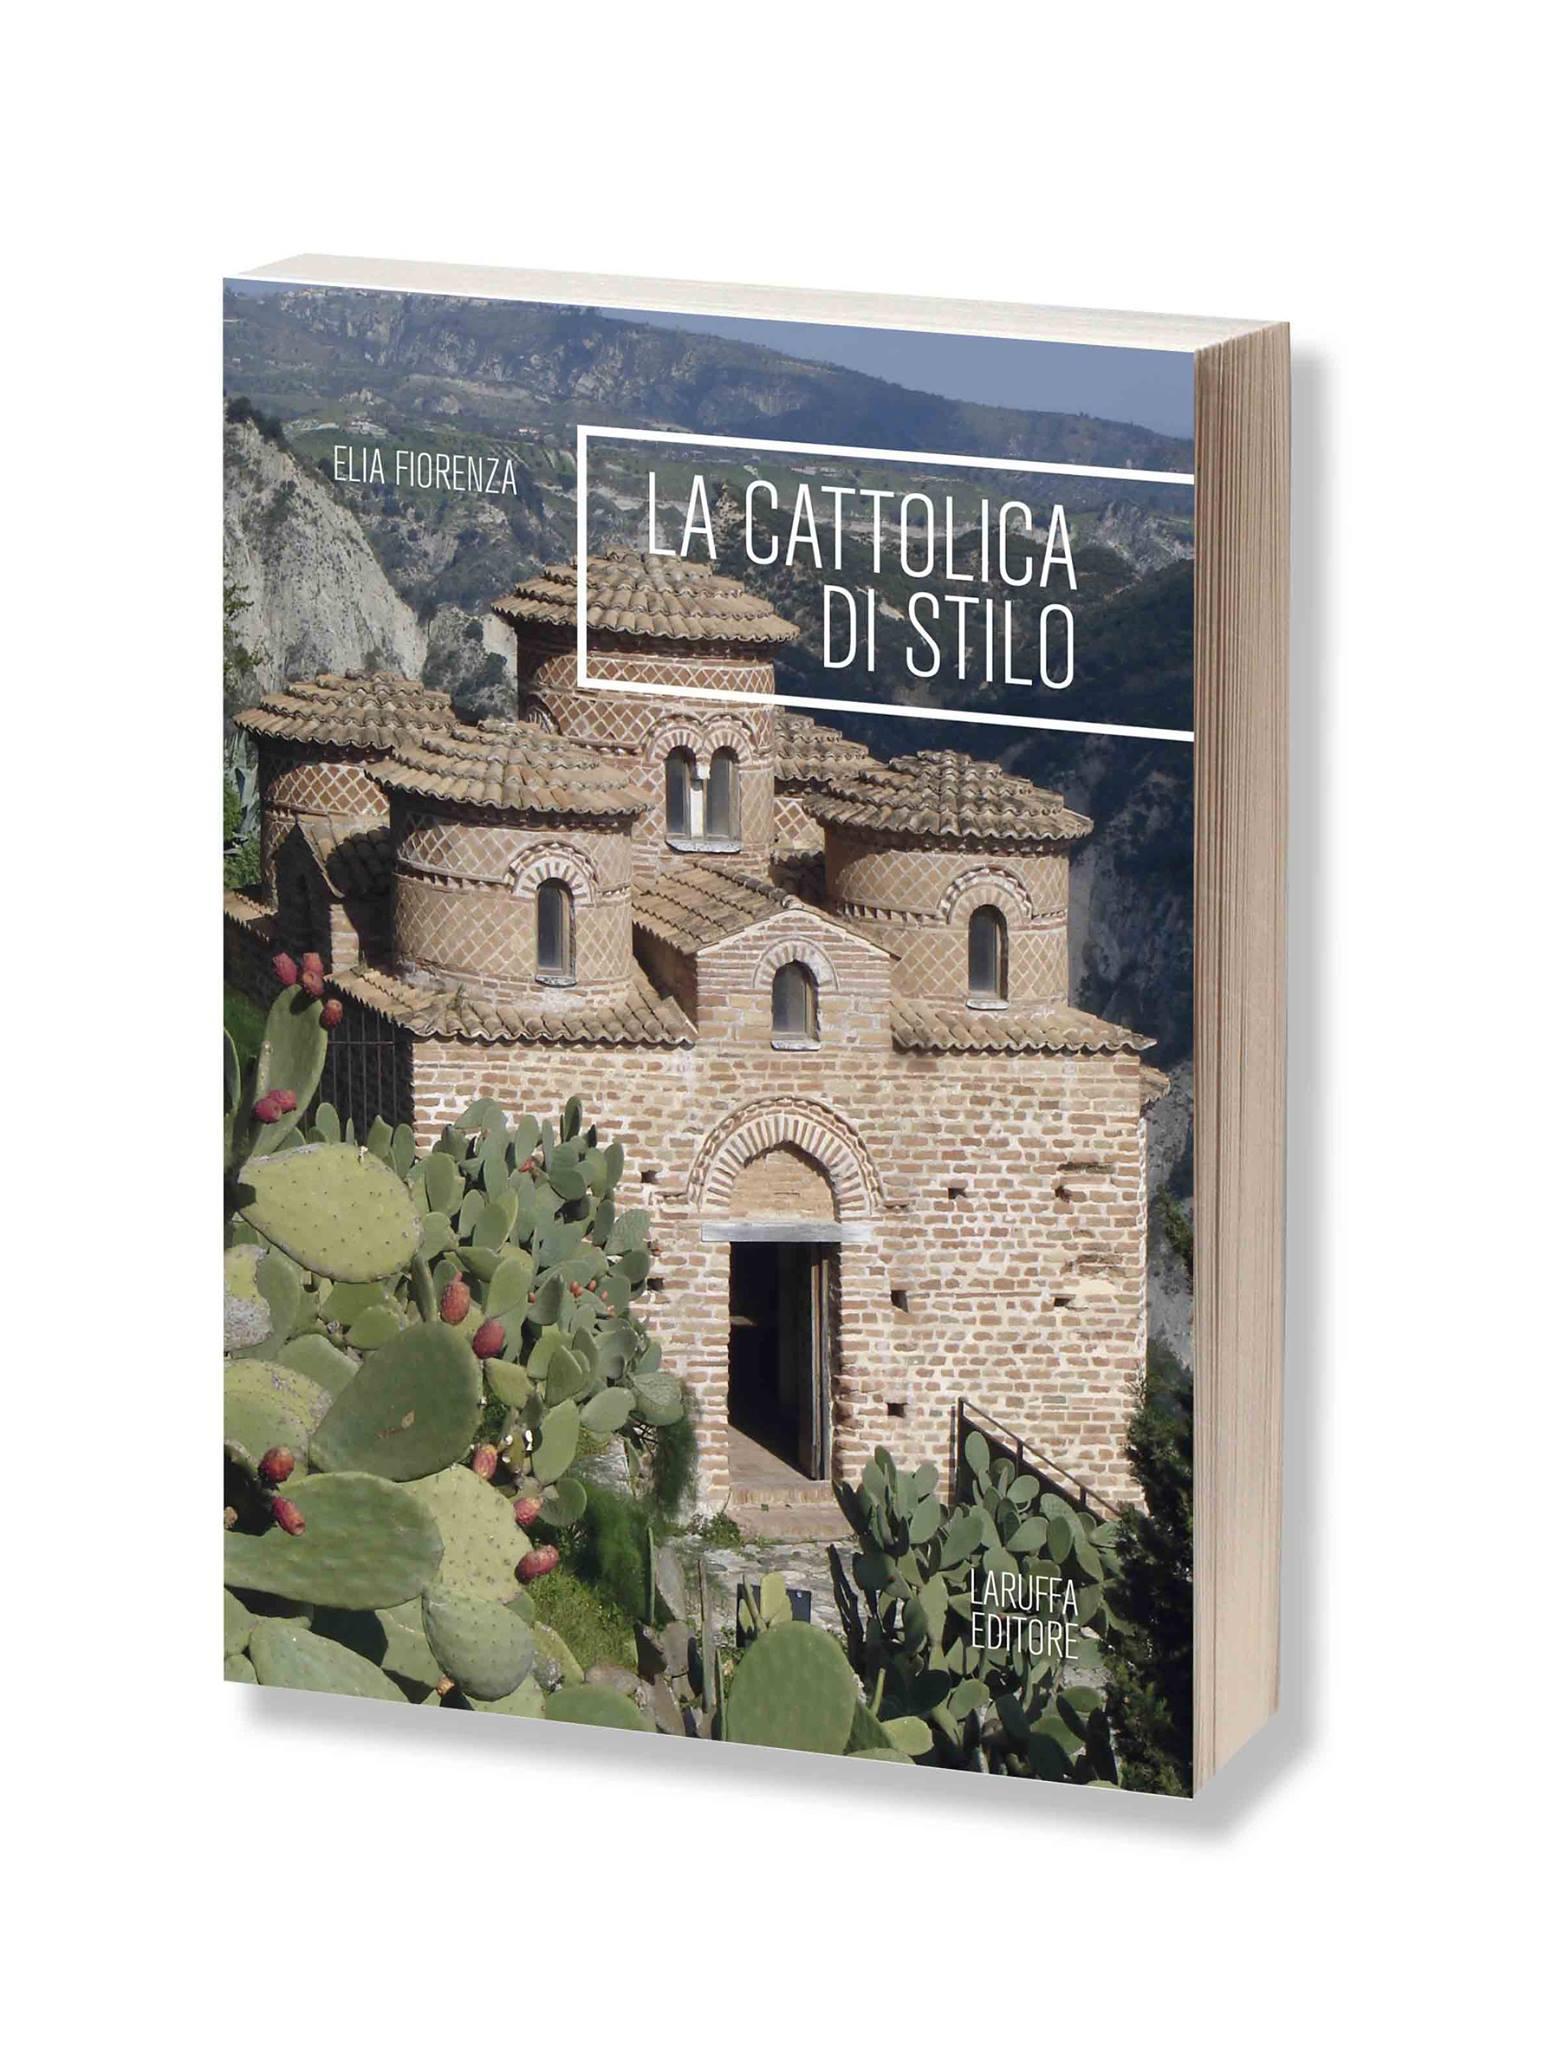 copertina libro cattolica stilo fiorenza